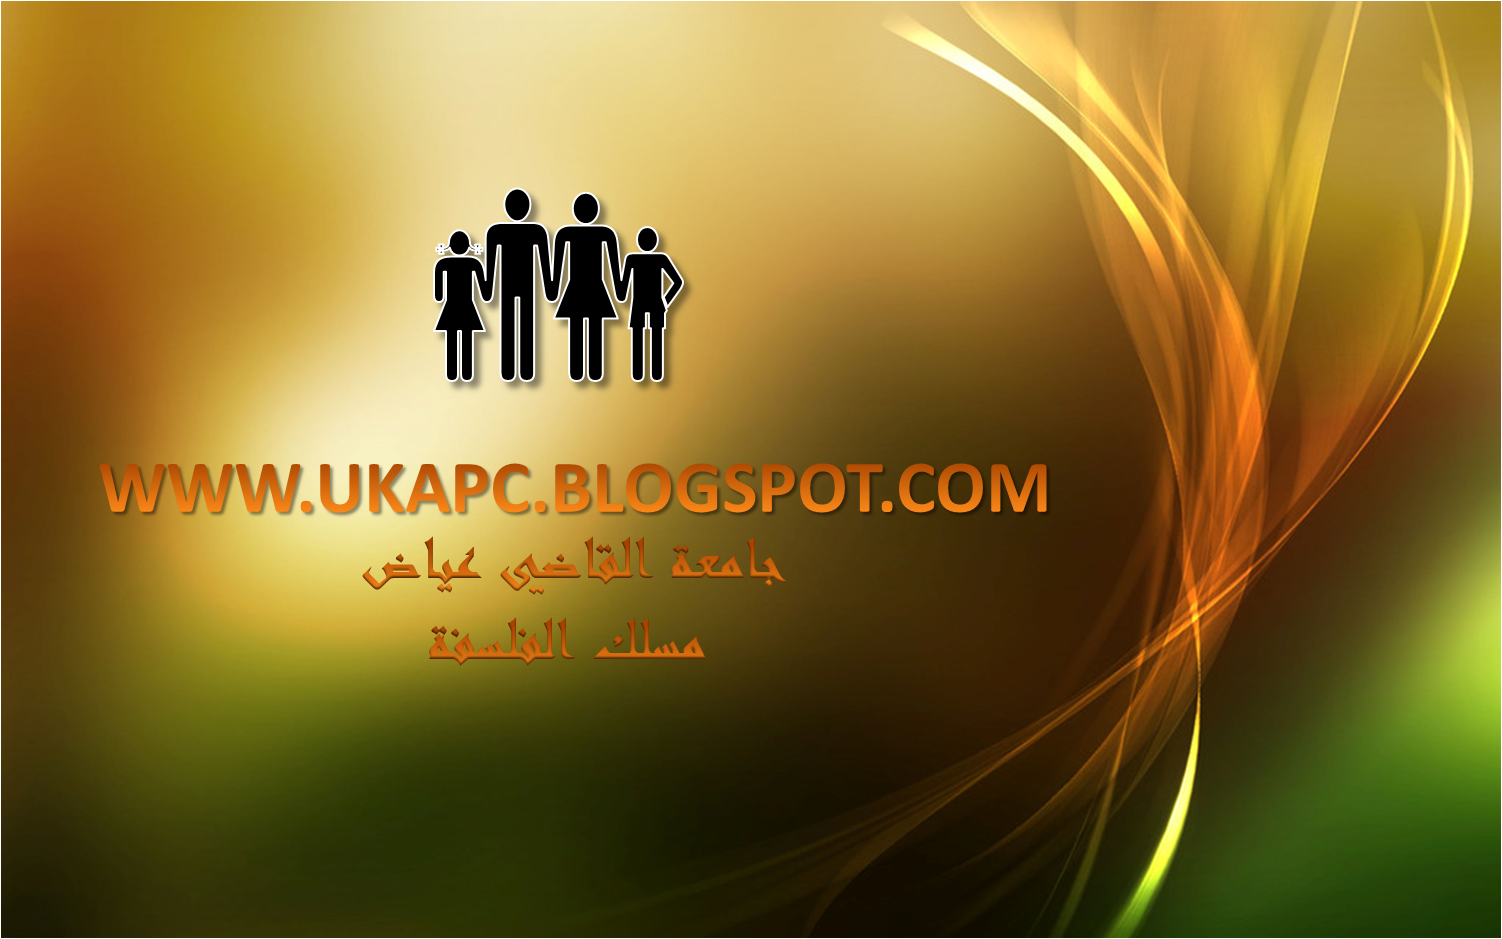 قاموس علم الاجتماع لمحمد عاطف غيث